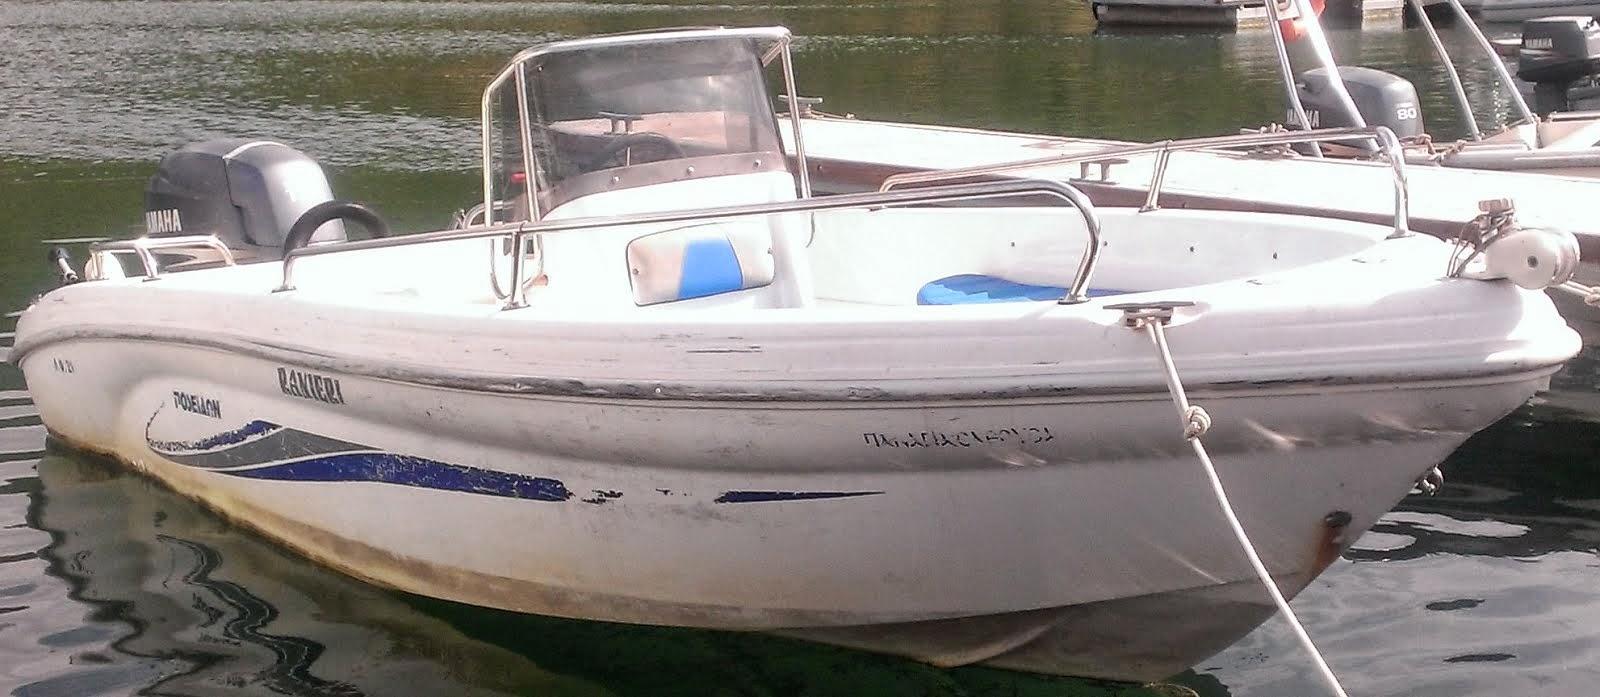 Το σκάφος μας